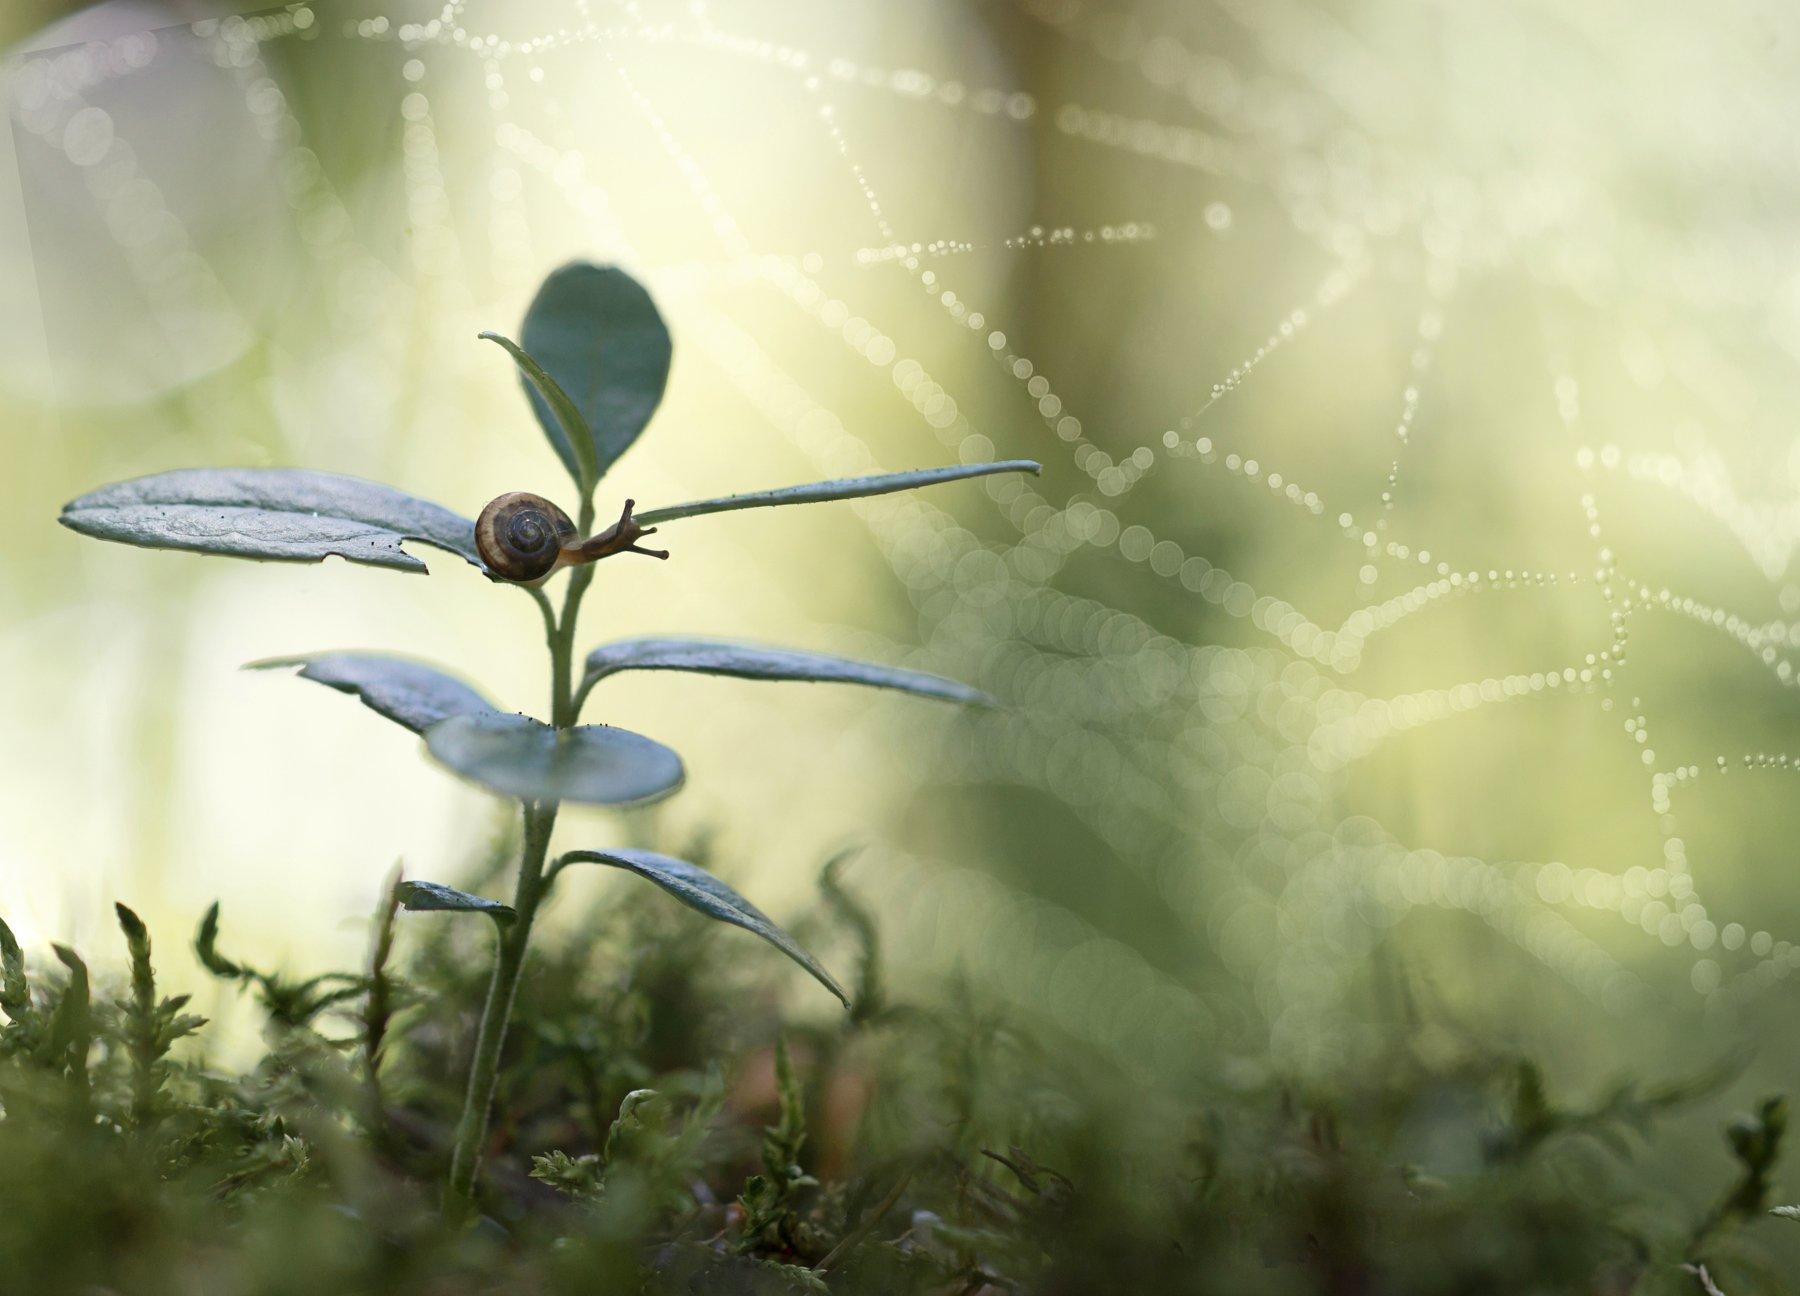 паутинка, улитка, макрокрасота, красота природы, бокешки, Татьяна Пименкова